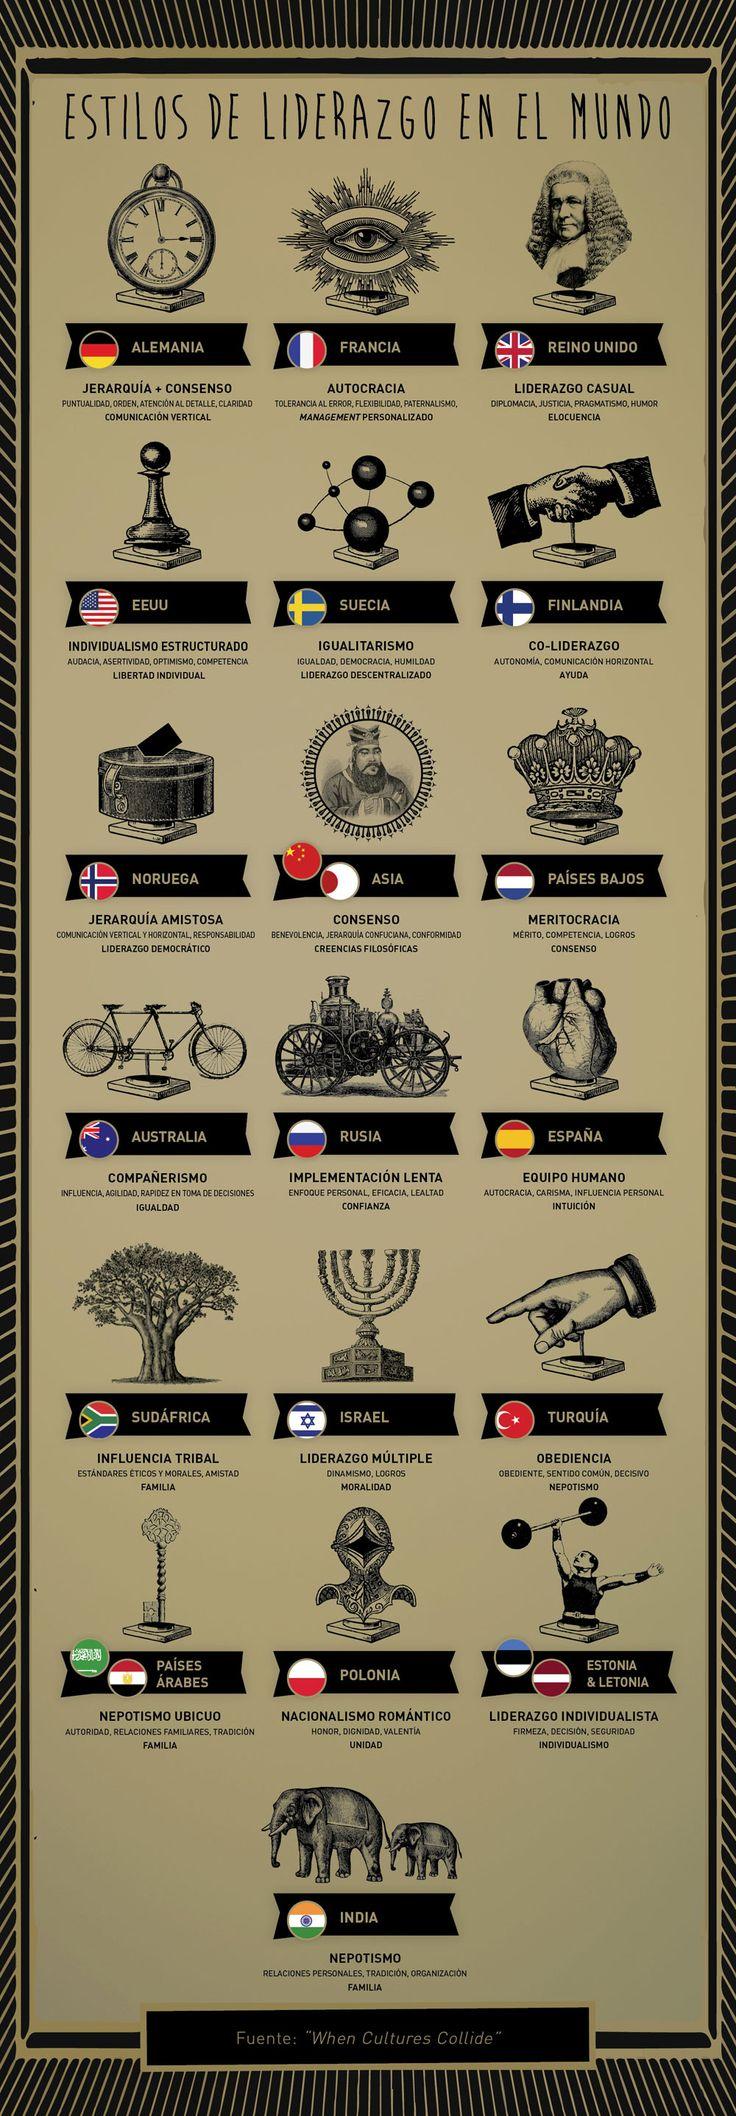 20 estilos de liderazgo en el mundo [INFOGRAFÍA]